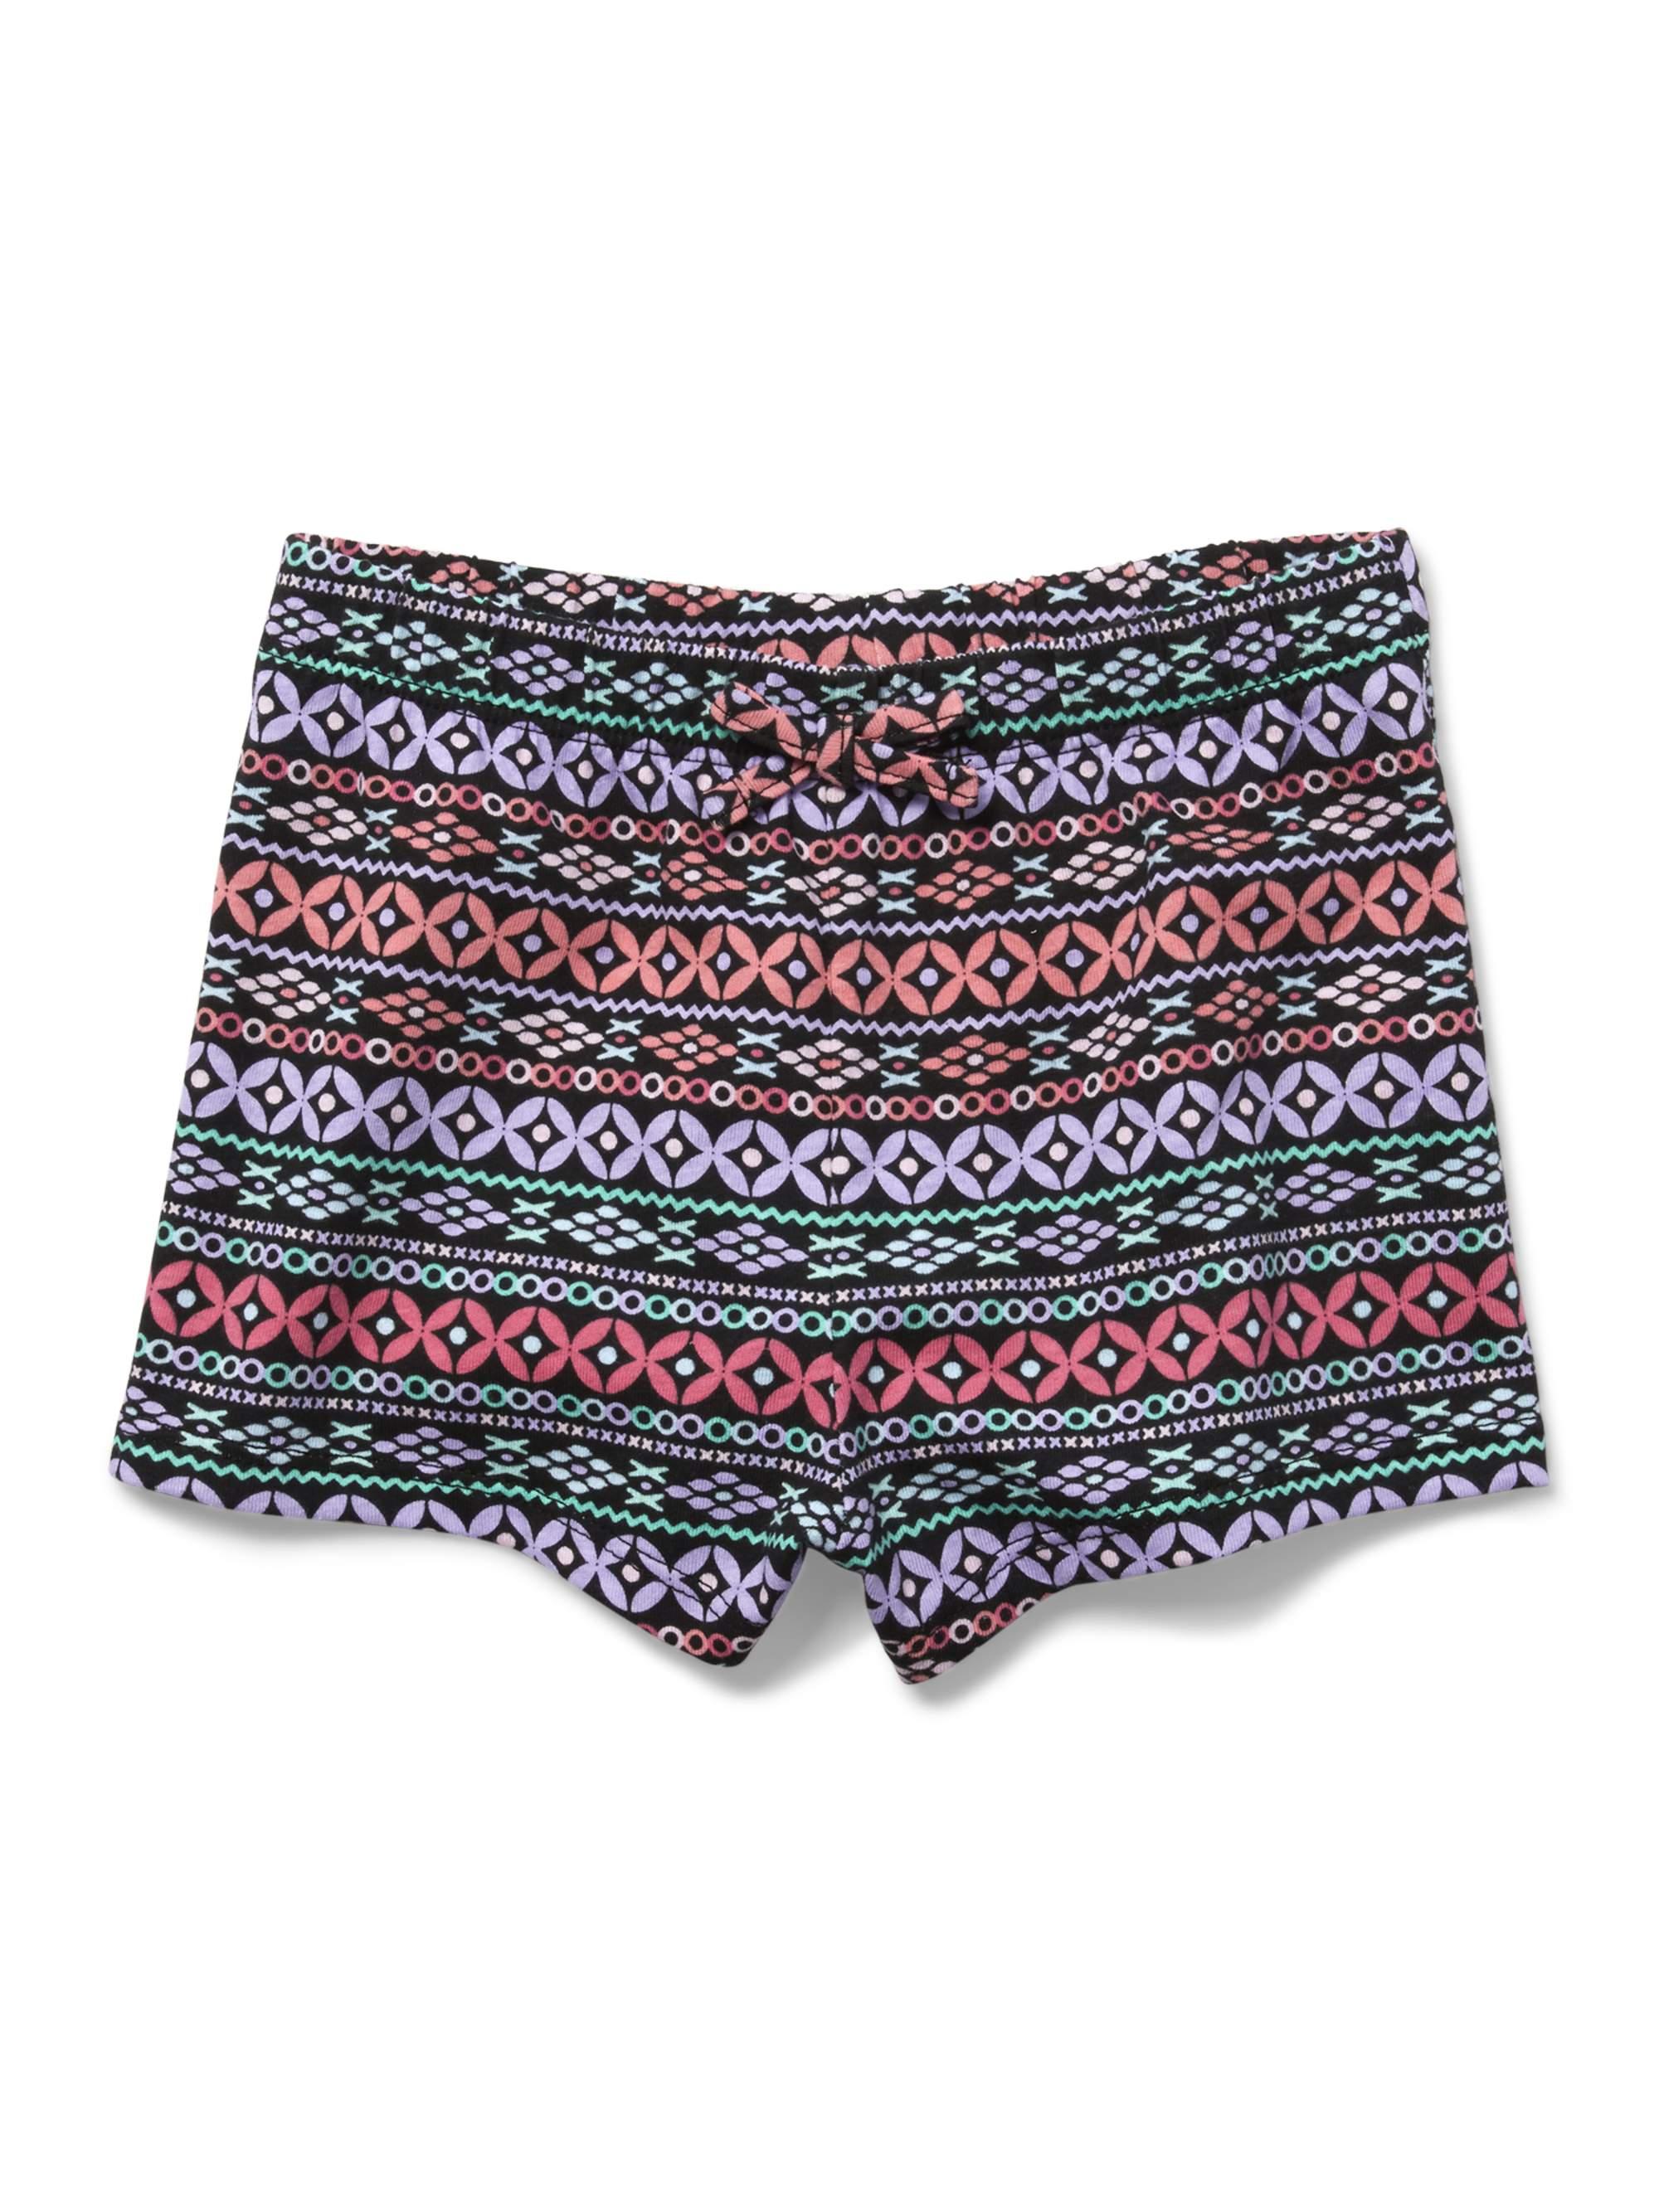 Printed Knit Short (Baby Girls & Toddler Girls)